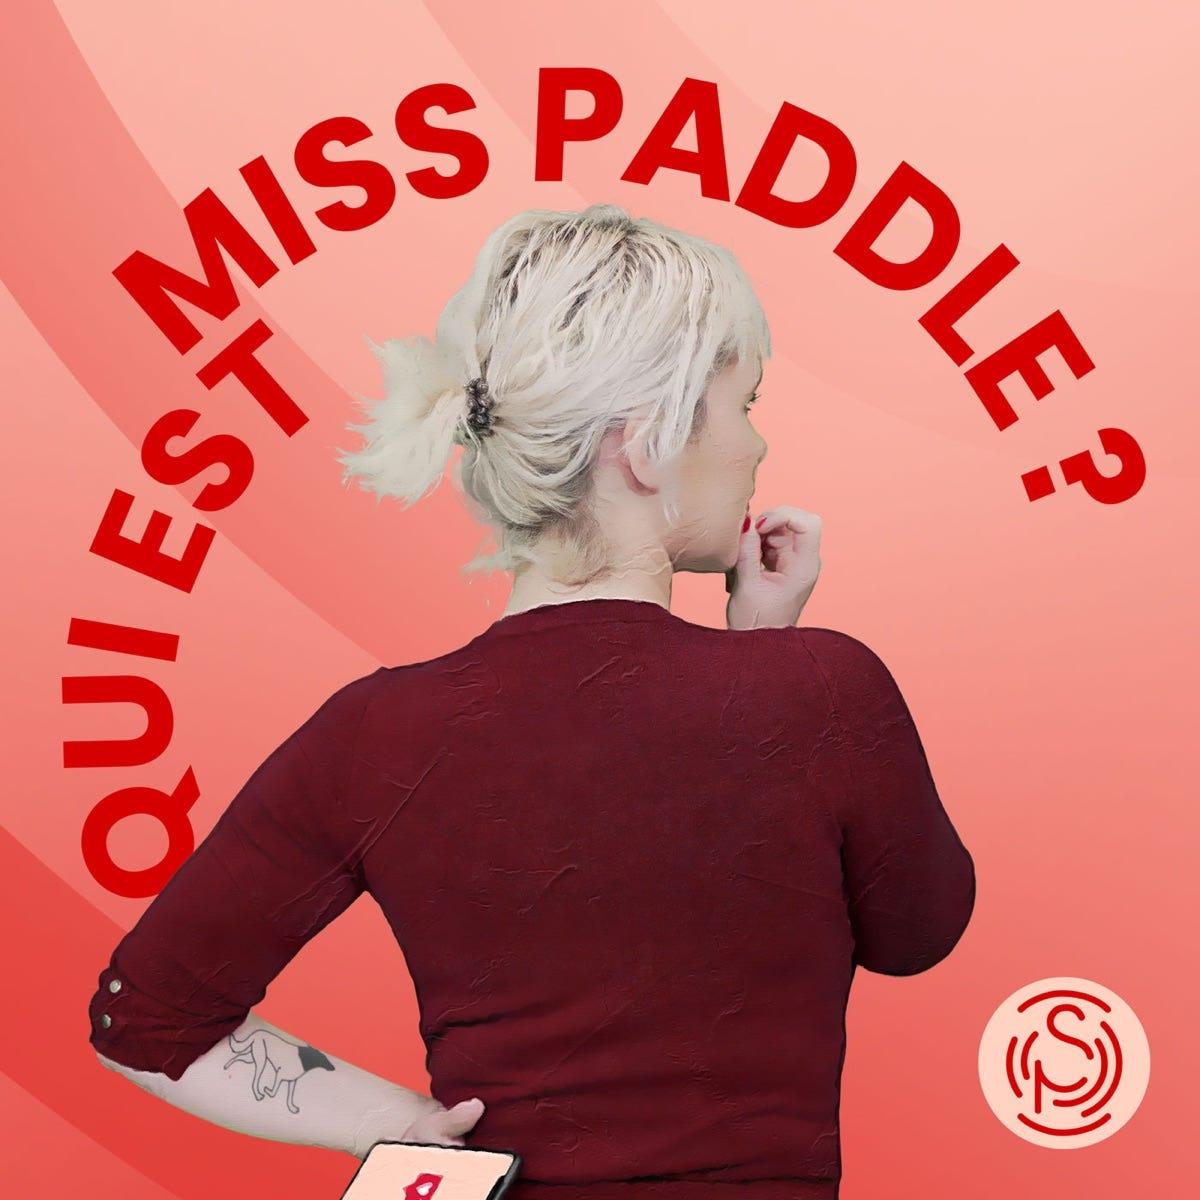 Qui est Miss Paddle ? – Podcast – Podtail